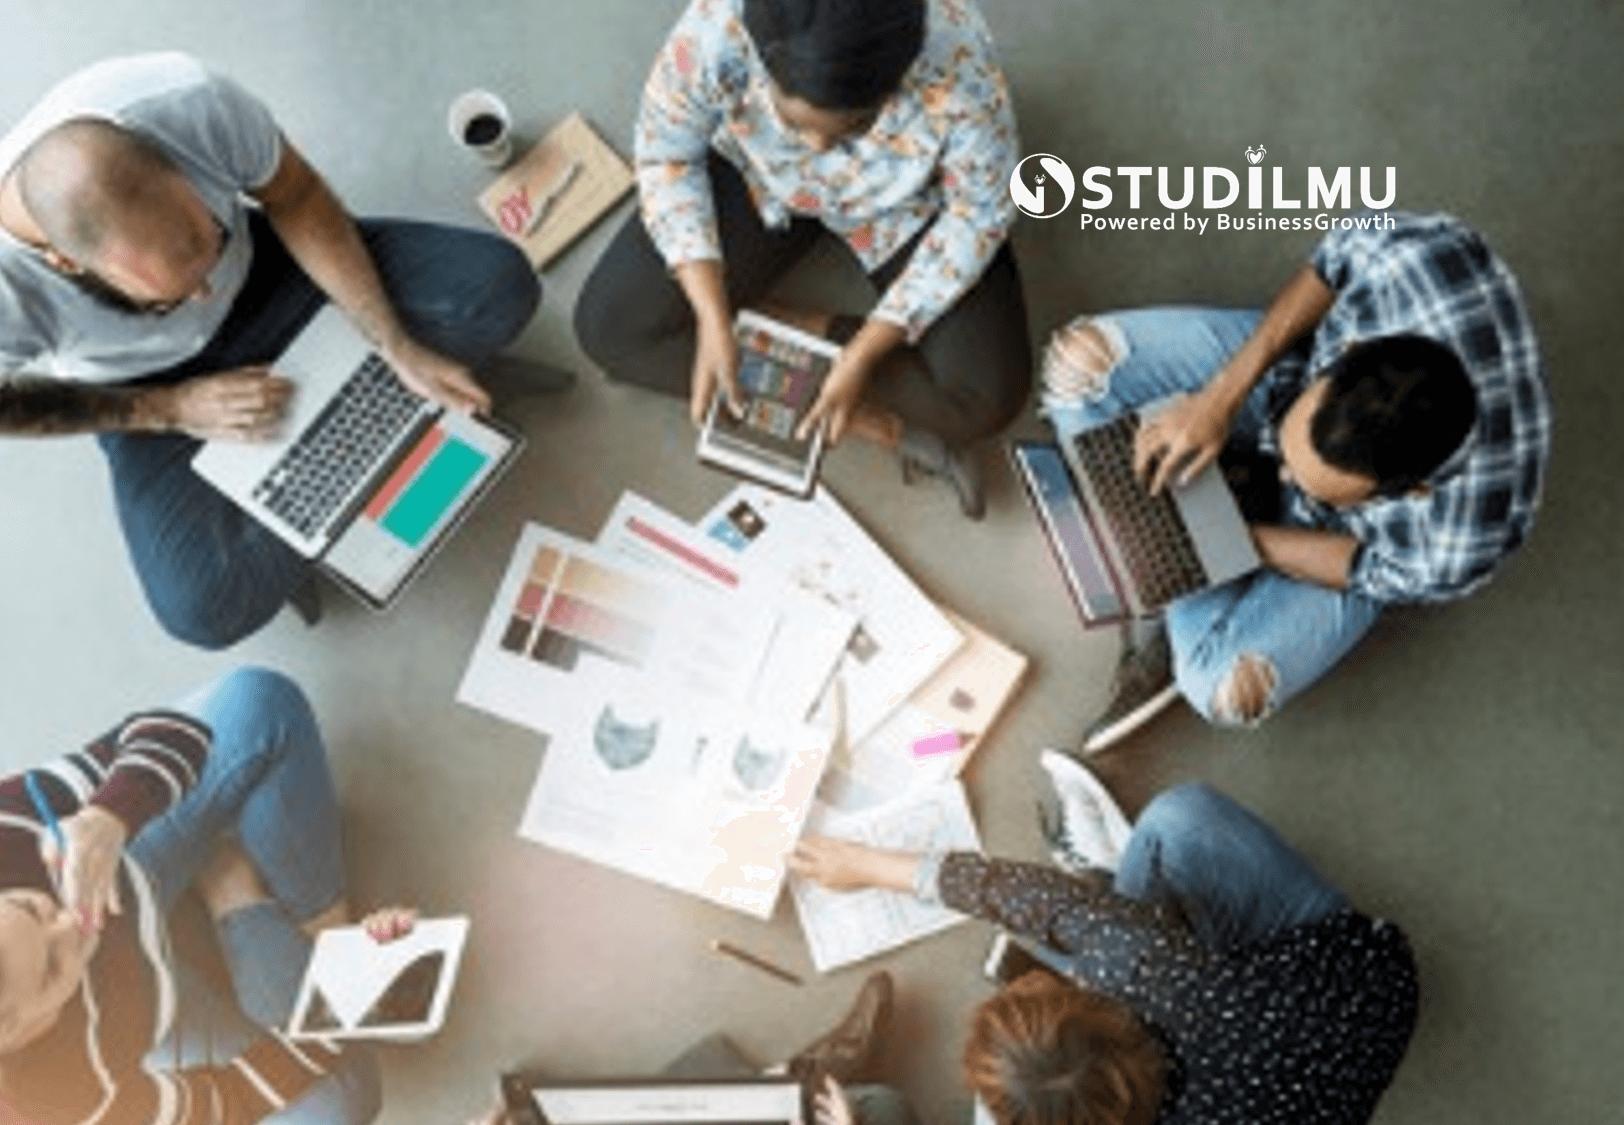 Bisakah Memasarkan Bisnis Startup Sendirian?